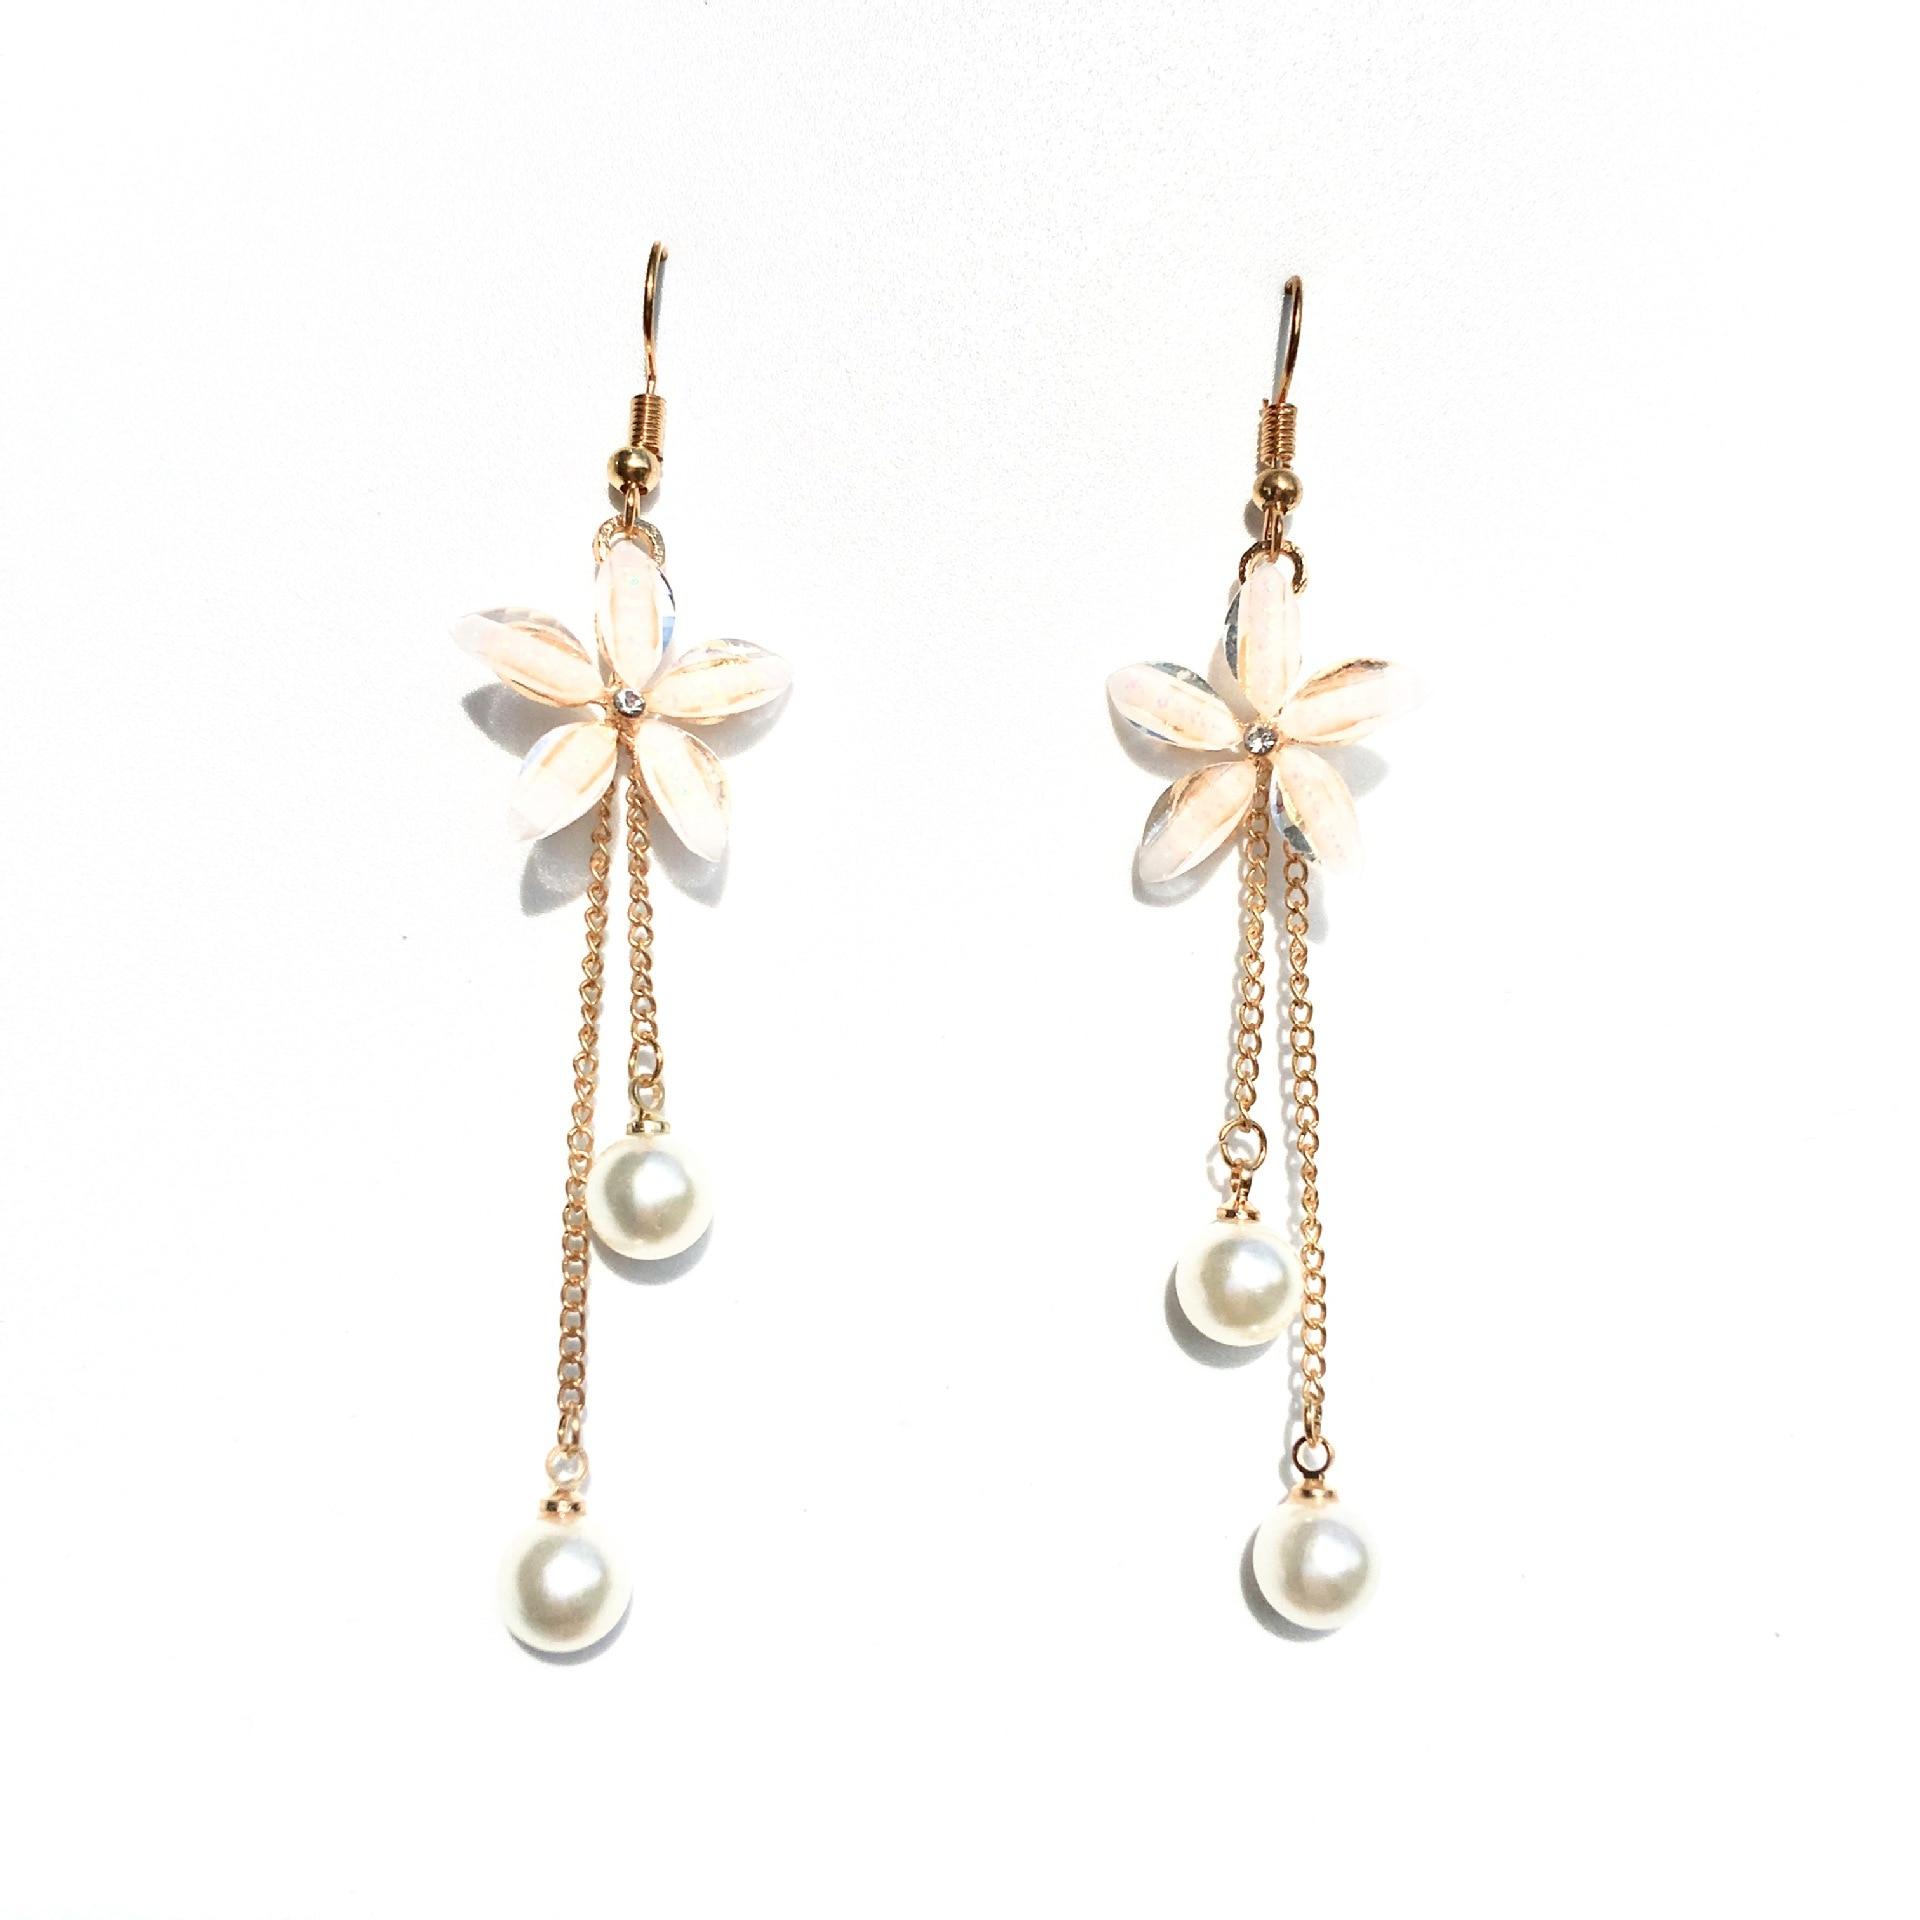 Flower Earrings 2019 Punk Fashion New Earrings Lady Wild Chain Pearl Crystal Flower Earrings Gift Wholesale Ladies Earrings